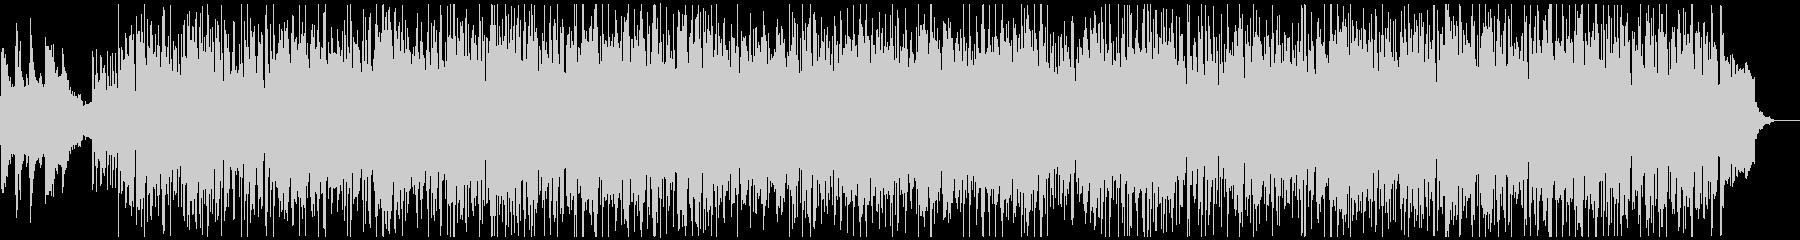 軽快で明るいピアノSaxお洒落なボサノバの未再生の波形